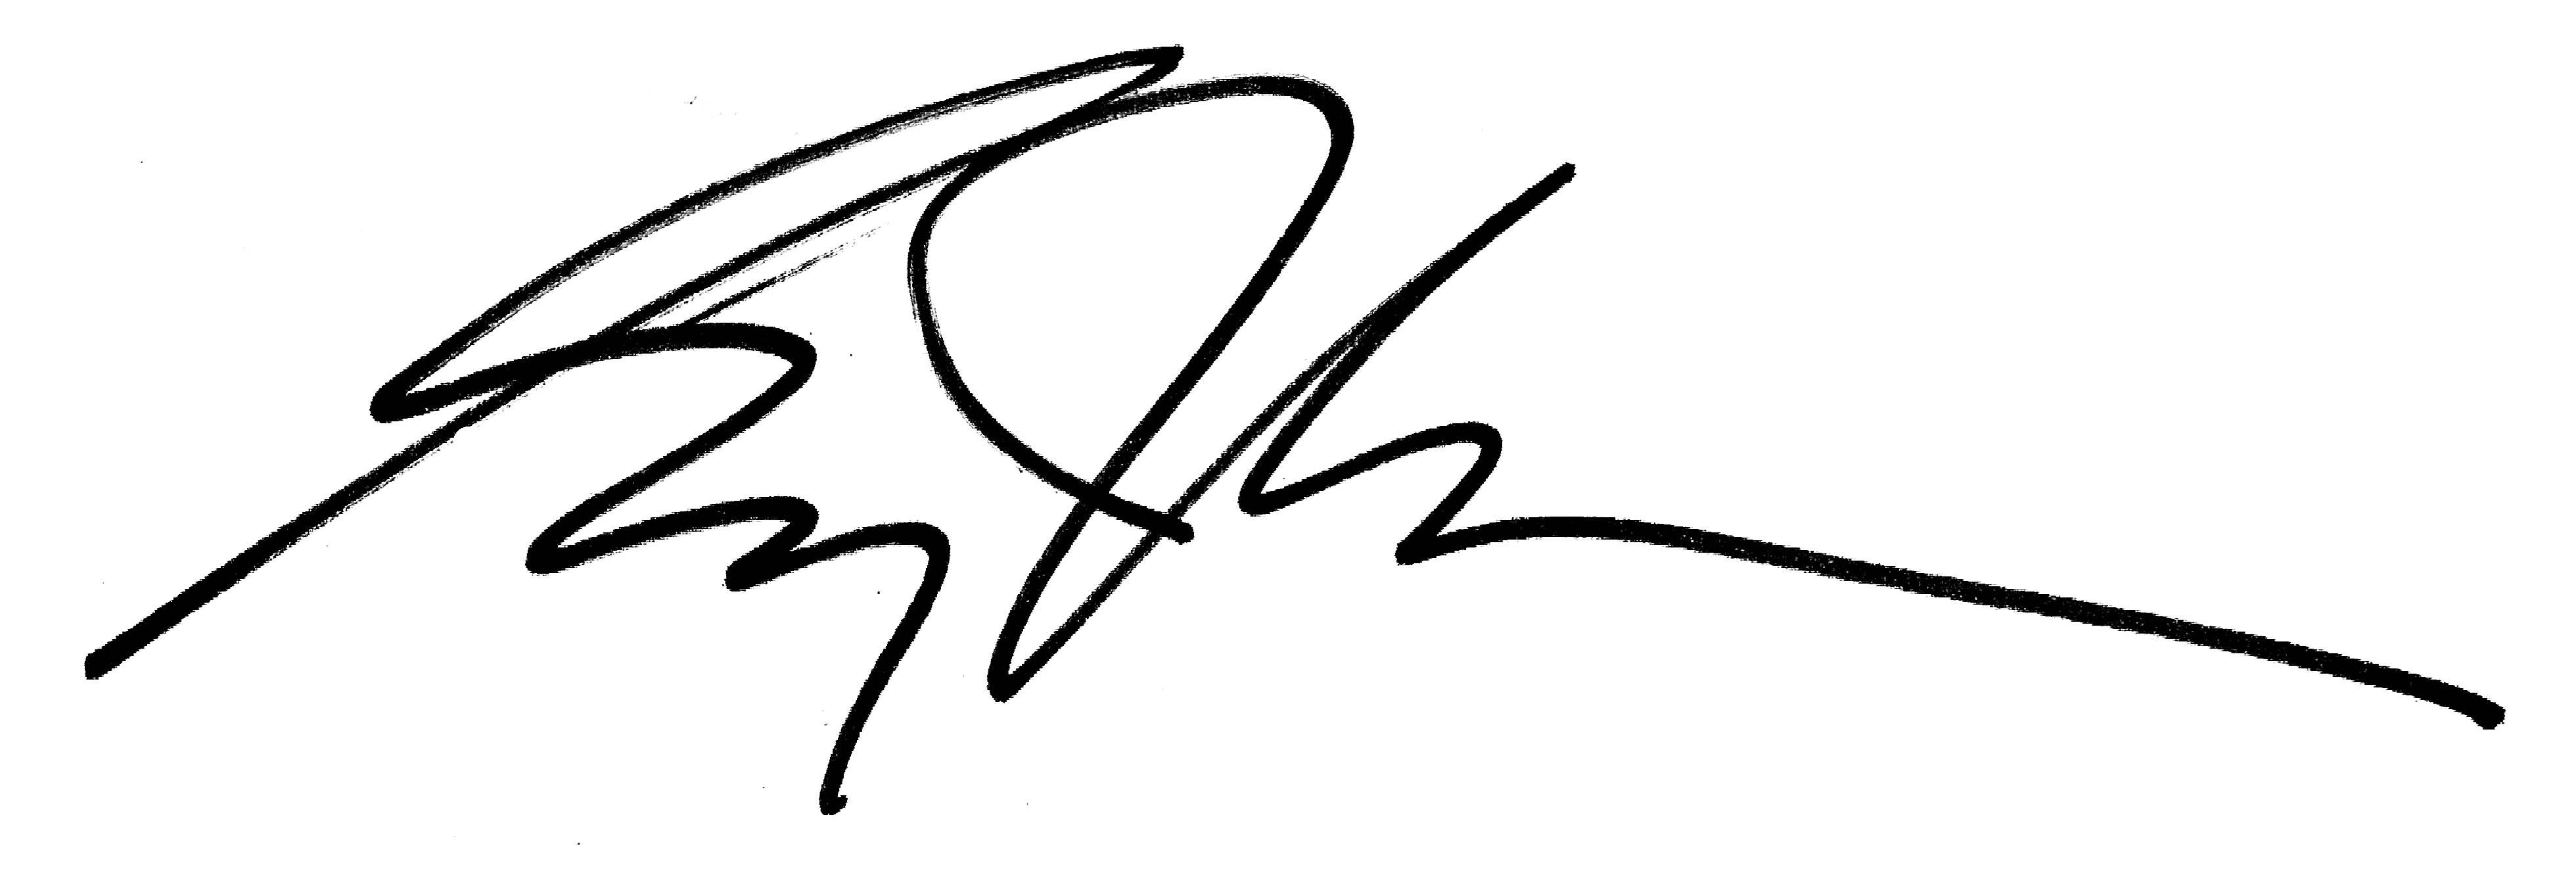 greg j lewis's Signature